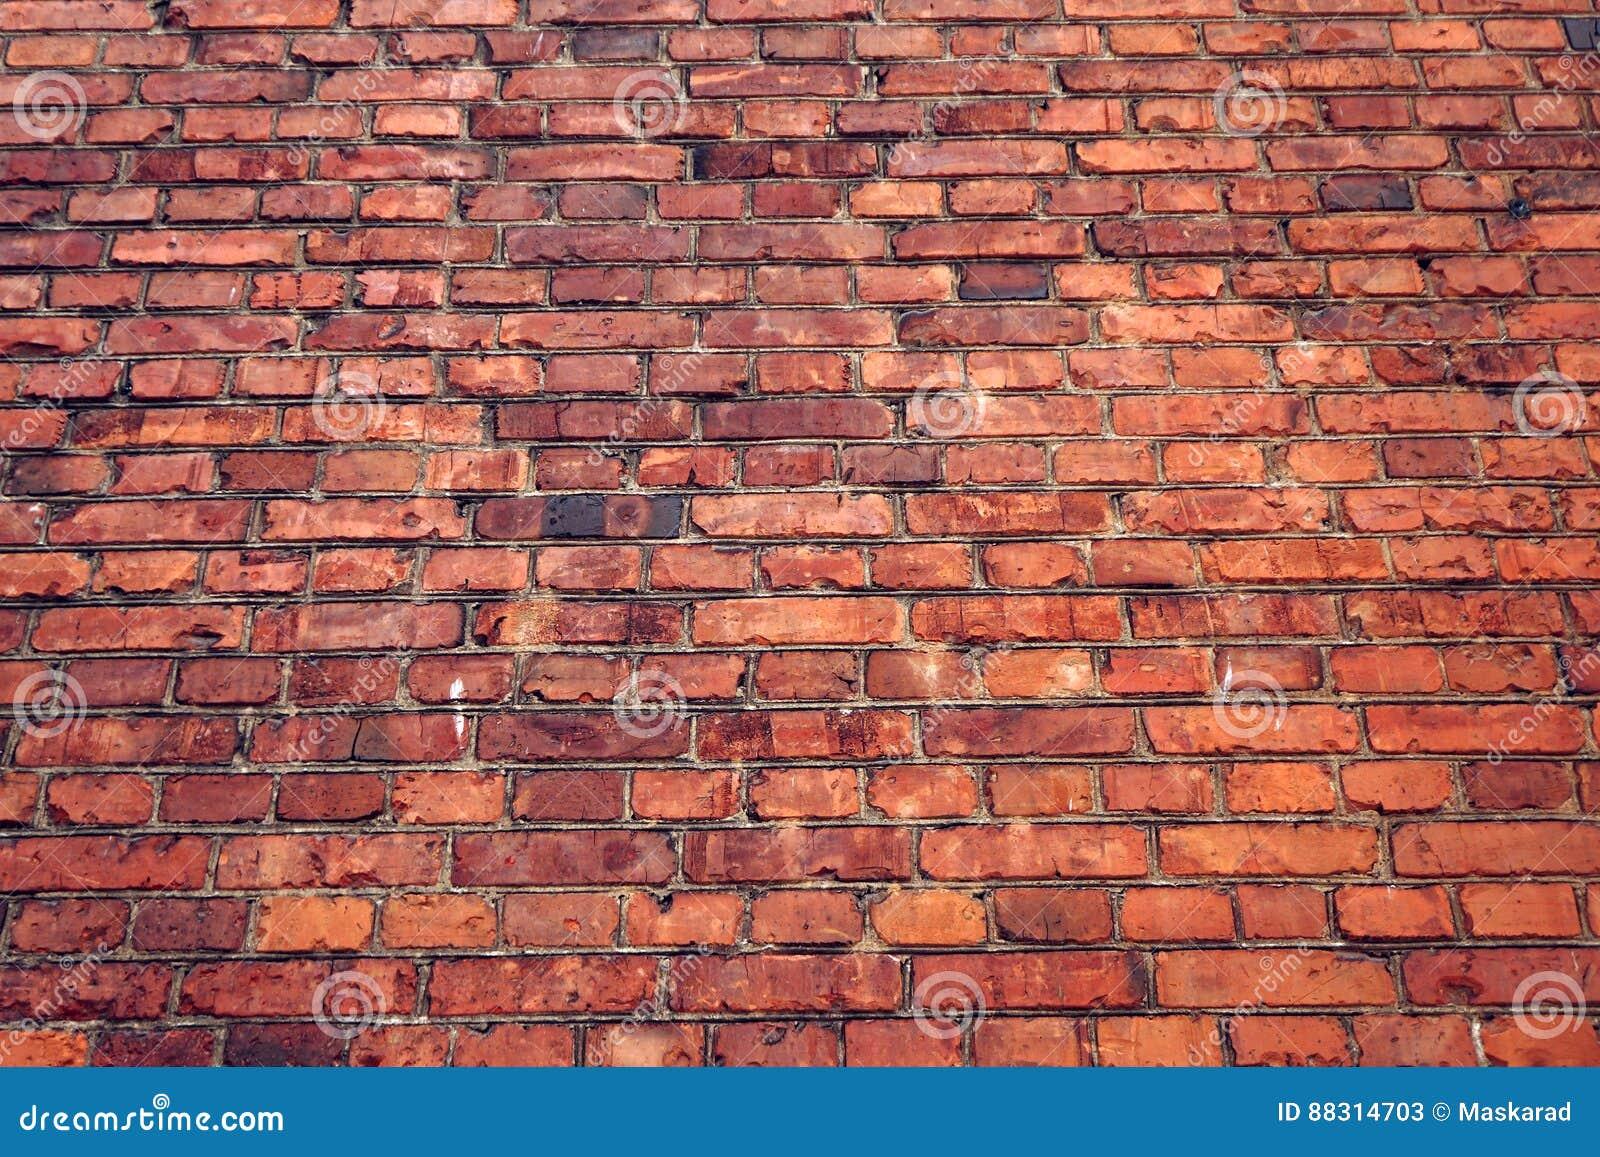 vieux mur de brique rouge texture grunge image stock image 88314703. Black Bedroom Furniture Sets. Home Design Ideas